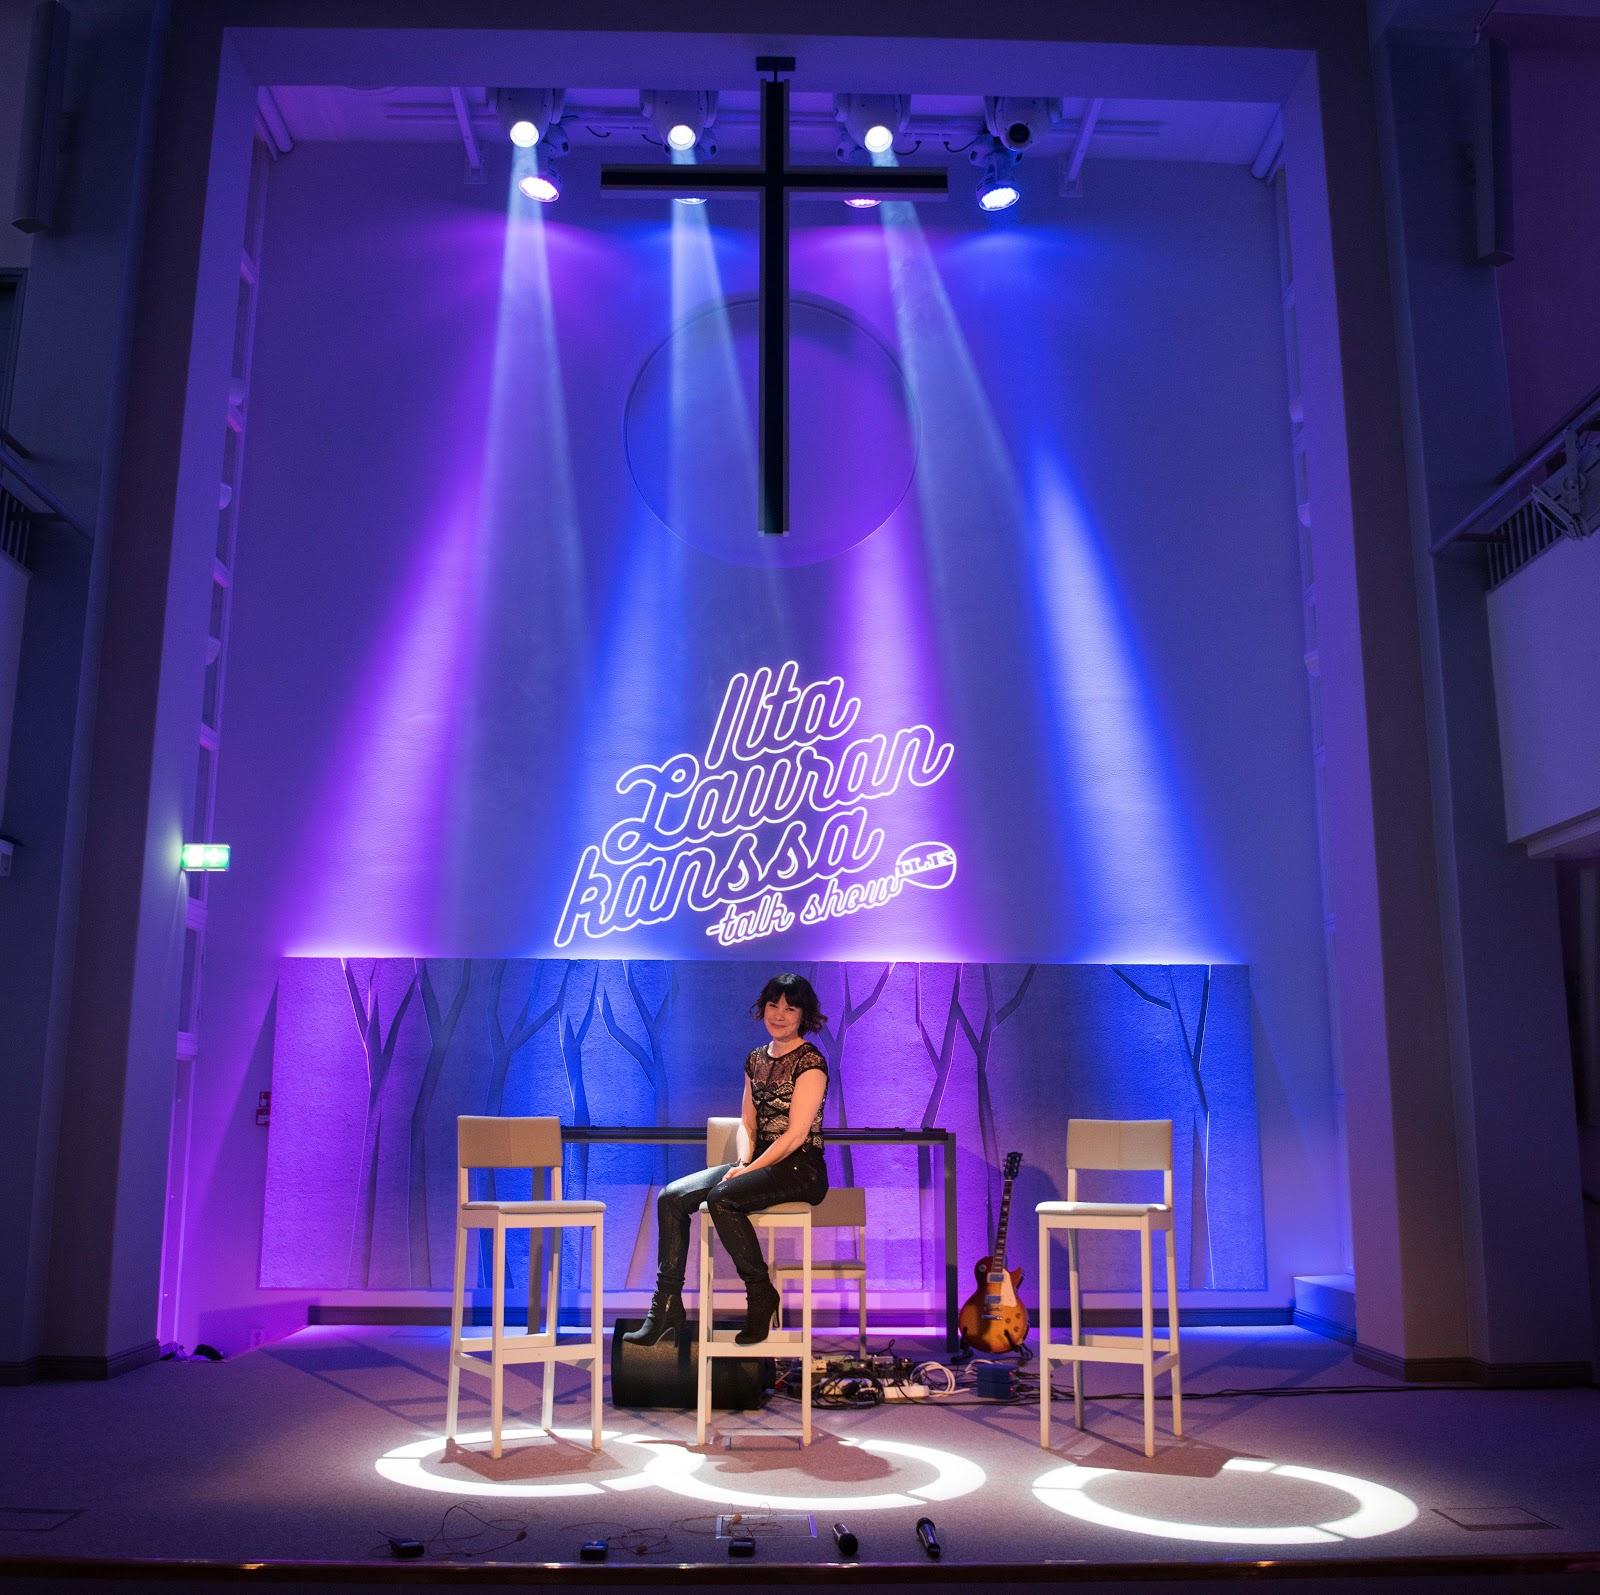 Kaupungin valot 18.3.2017 @Helsinki, Luther-kirkko - ValotjaLogo.jpg